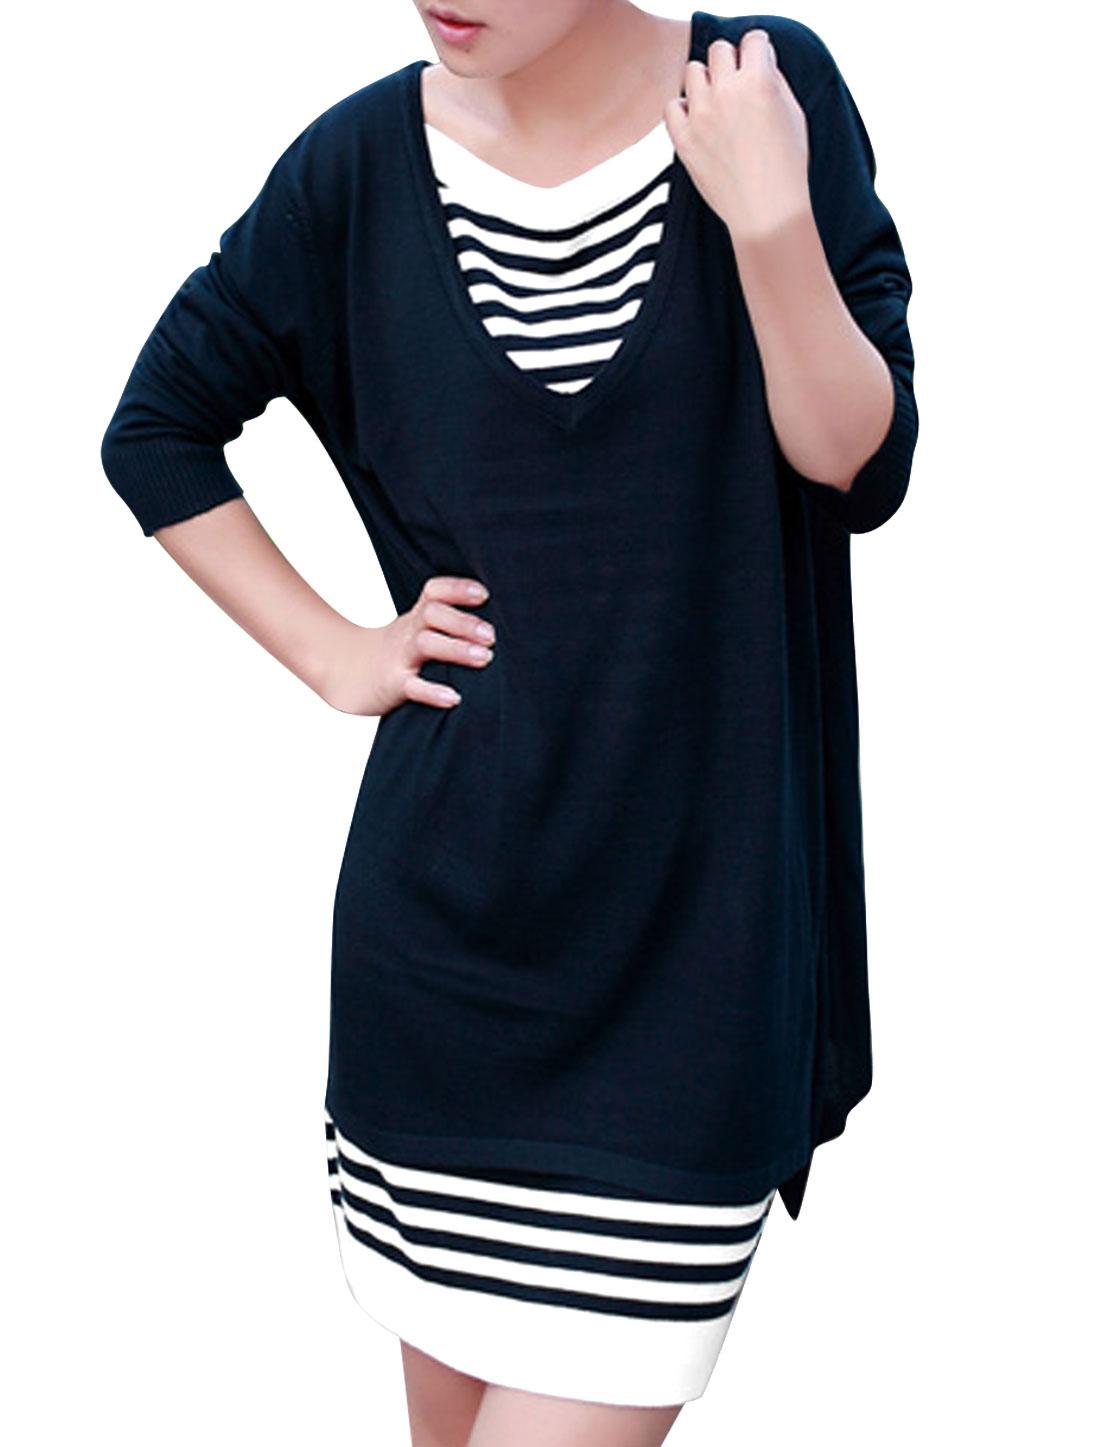 Women Vent Back Slipover Top w Sleeveless Knit Dress Navy Blue White XS